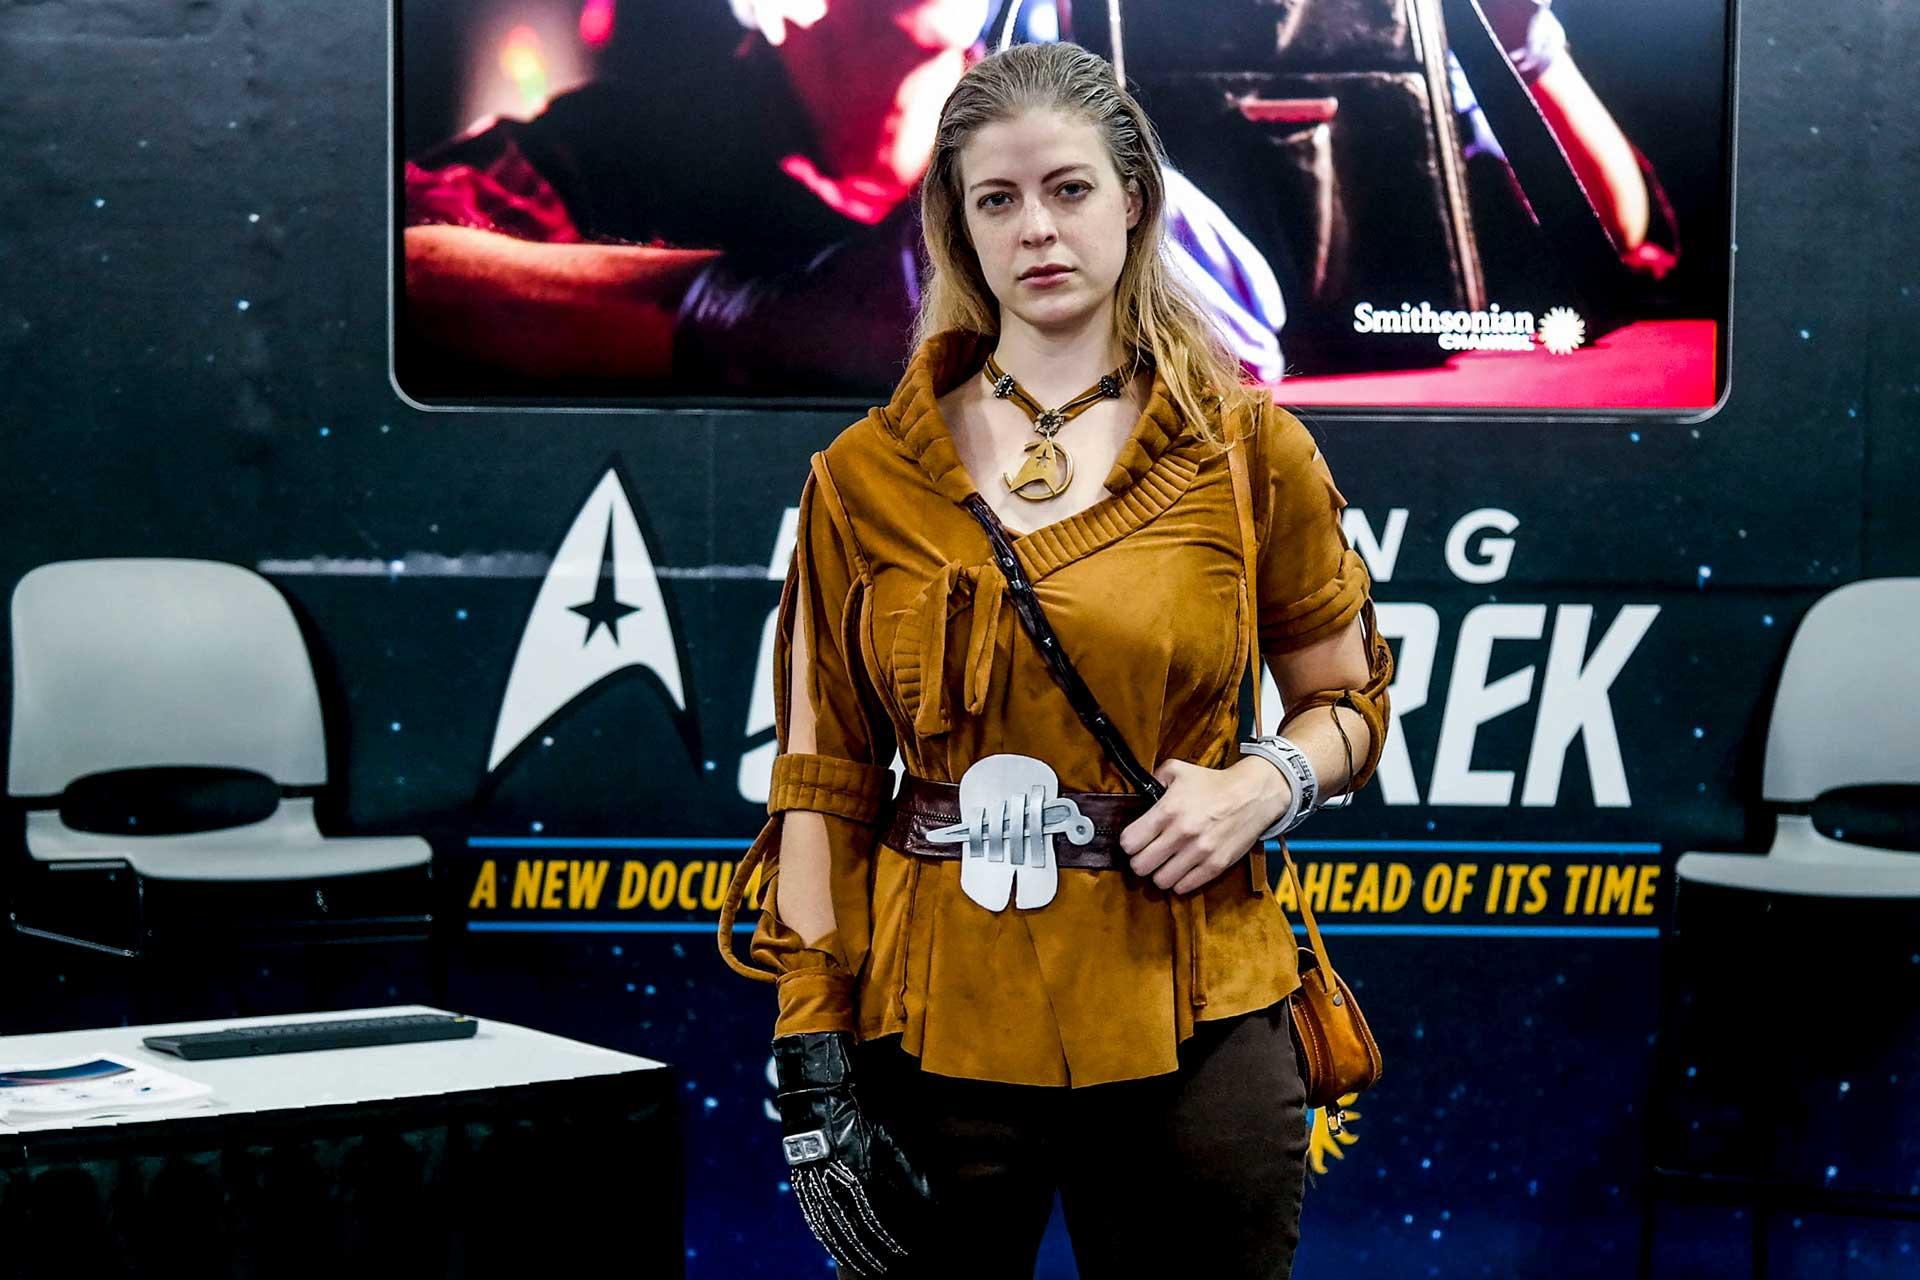 Start Trek costume